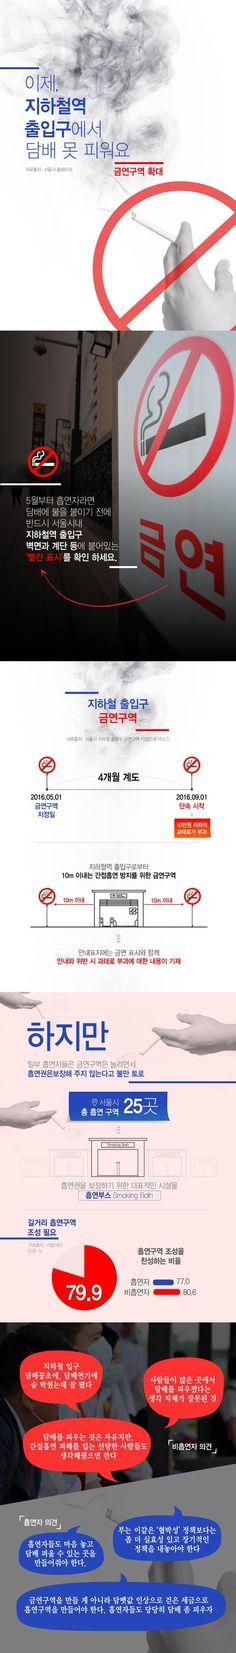 이젠 지하철역 출입구도 금연구역 [카드뉴스] #smoking / #cardnews ⓒ 비주얼다이브 무단 복사·전재·재배포 금지